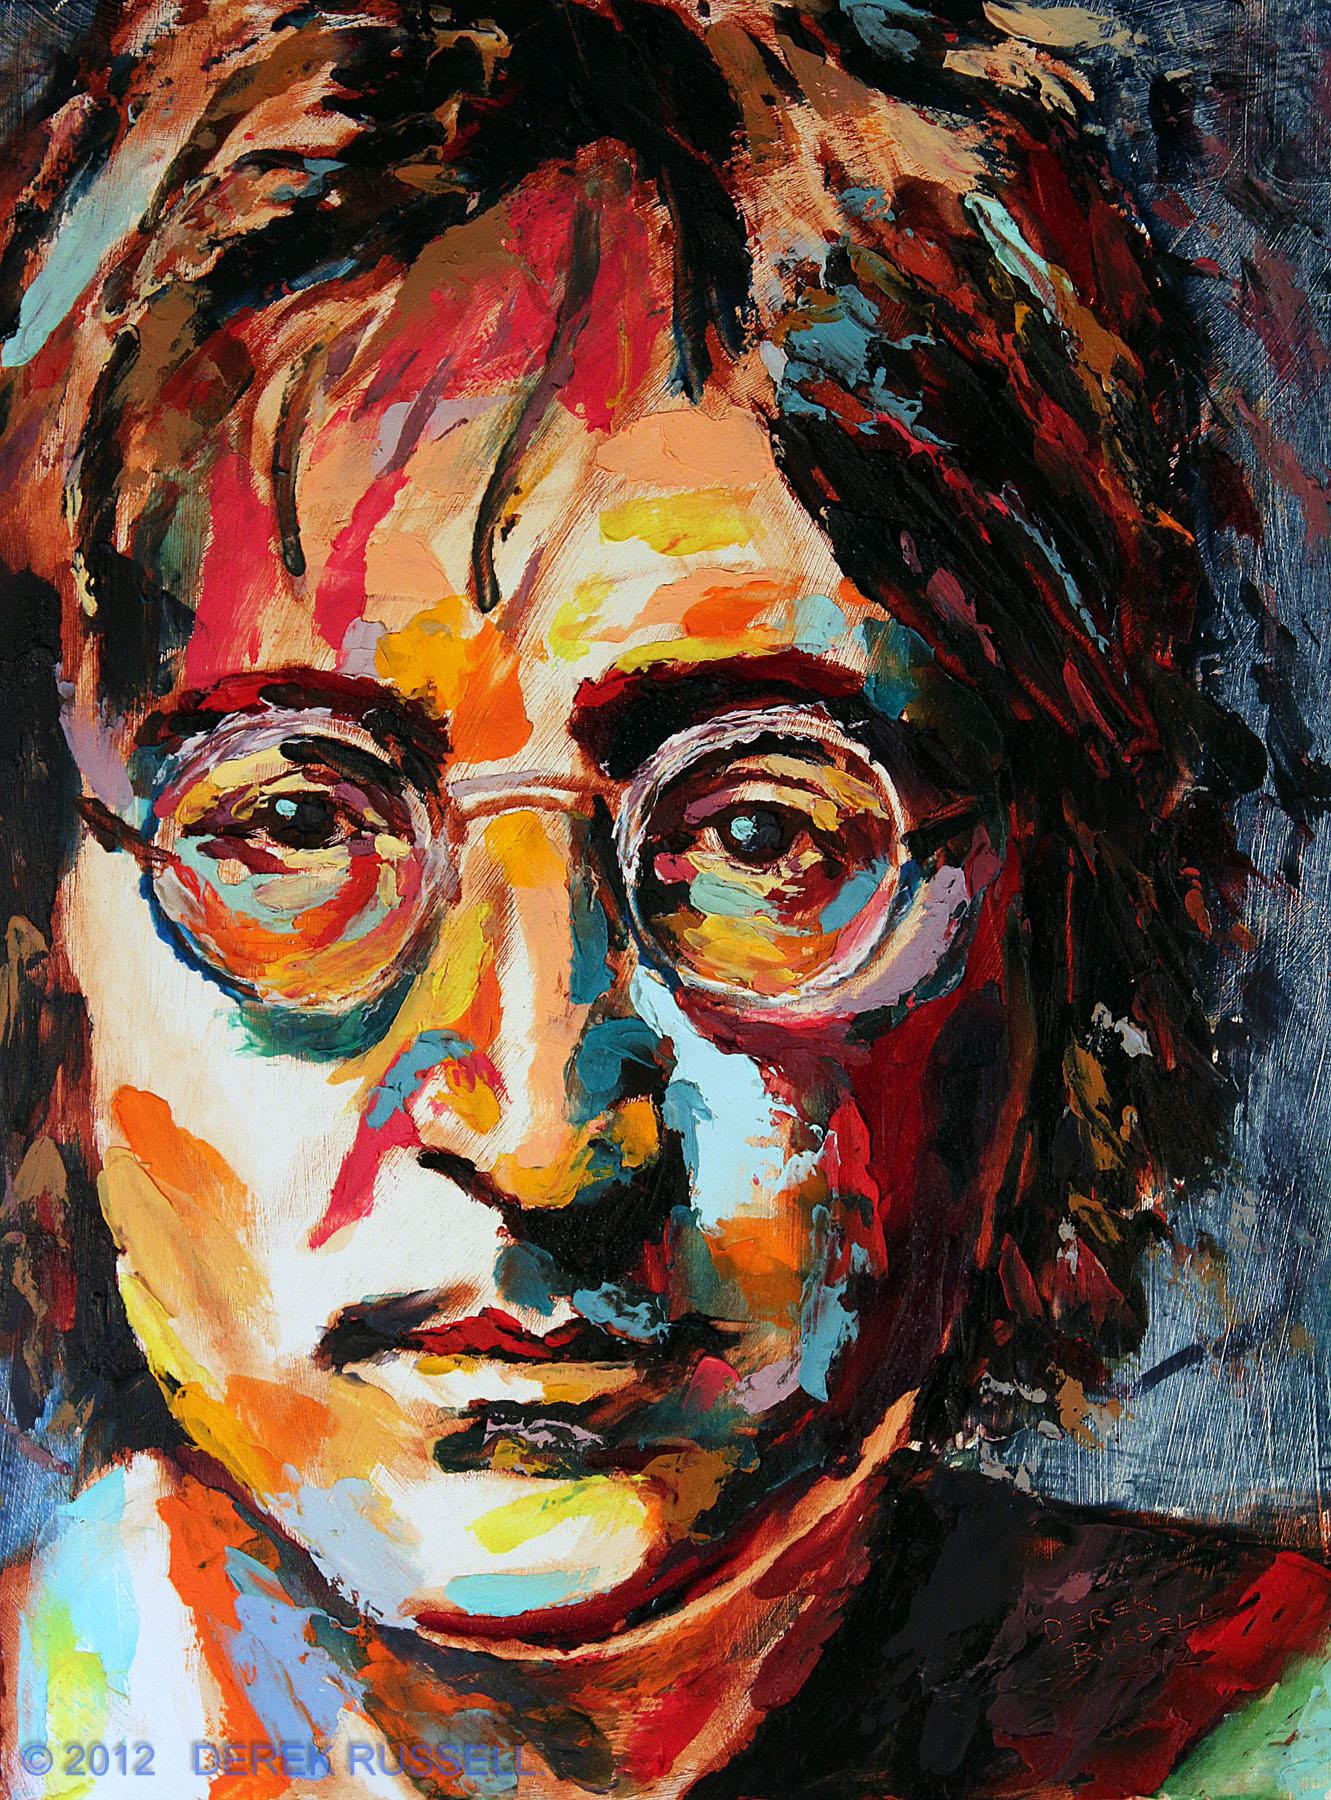 John Lennon Original Fine Art Oil Painting by Artist Derek Russell